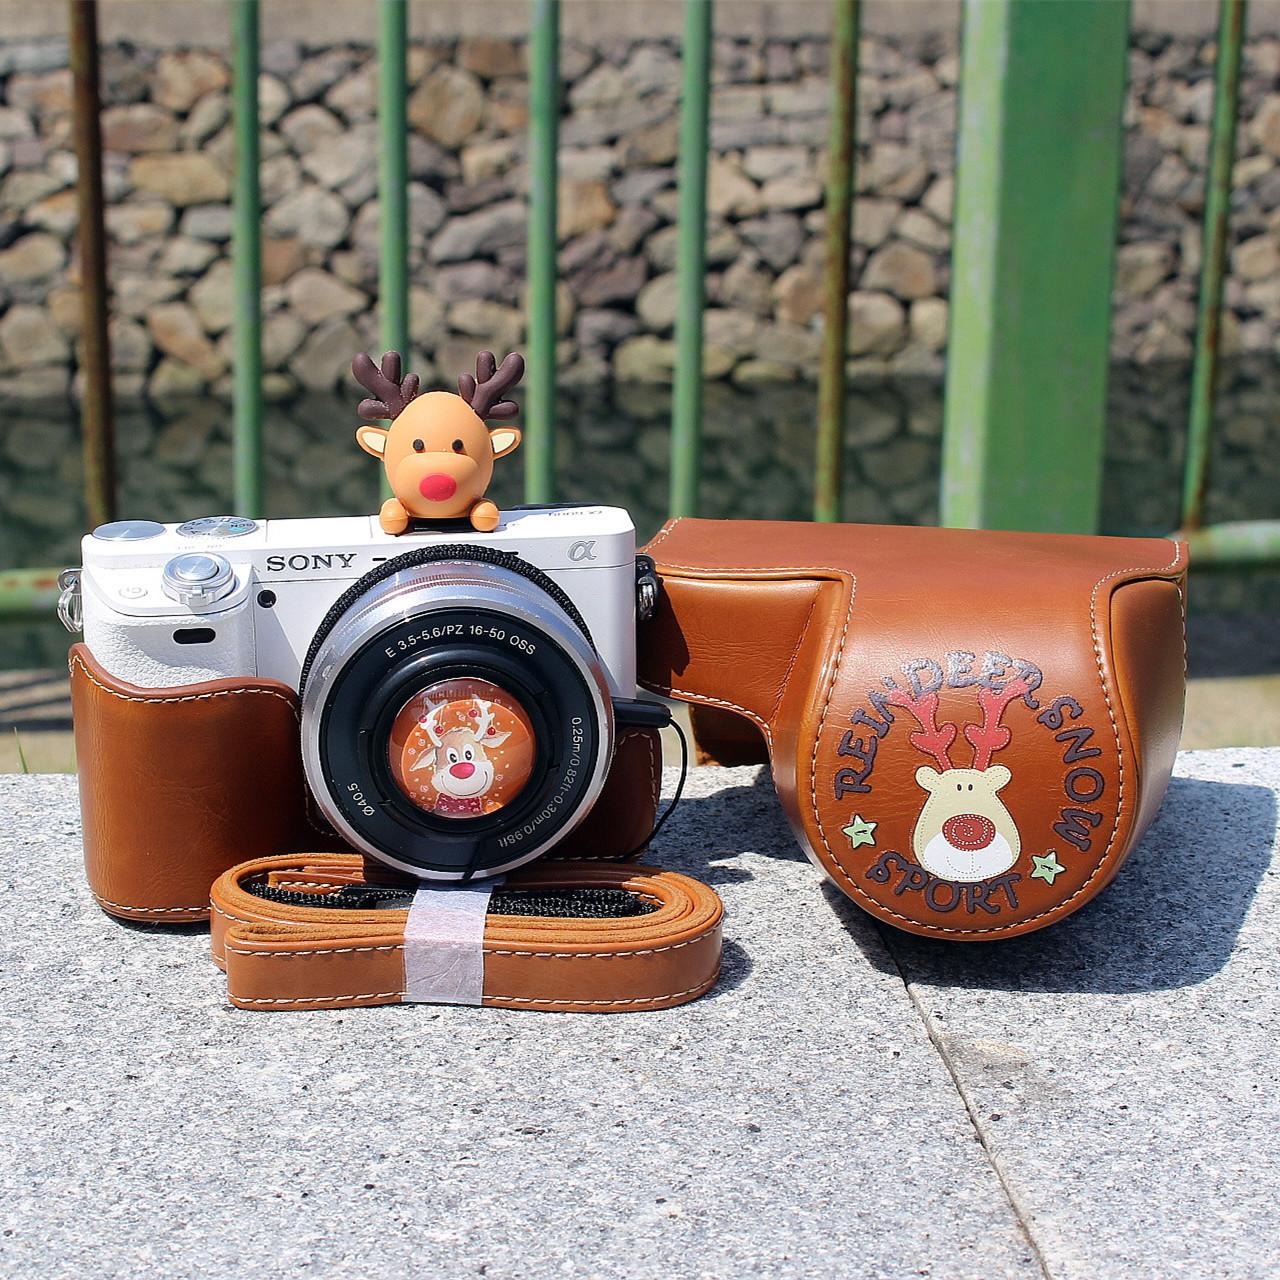 适合佳能m6m50m100索尼a5100a6400相机套相机包保护套壳可爱小鹿